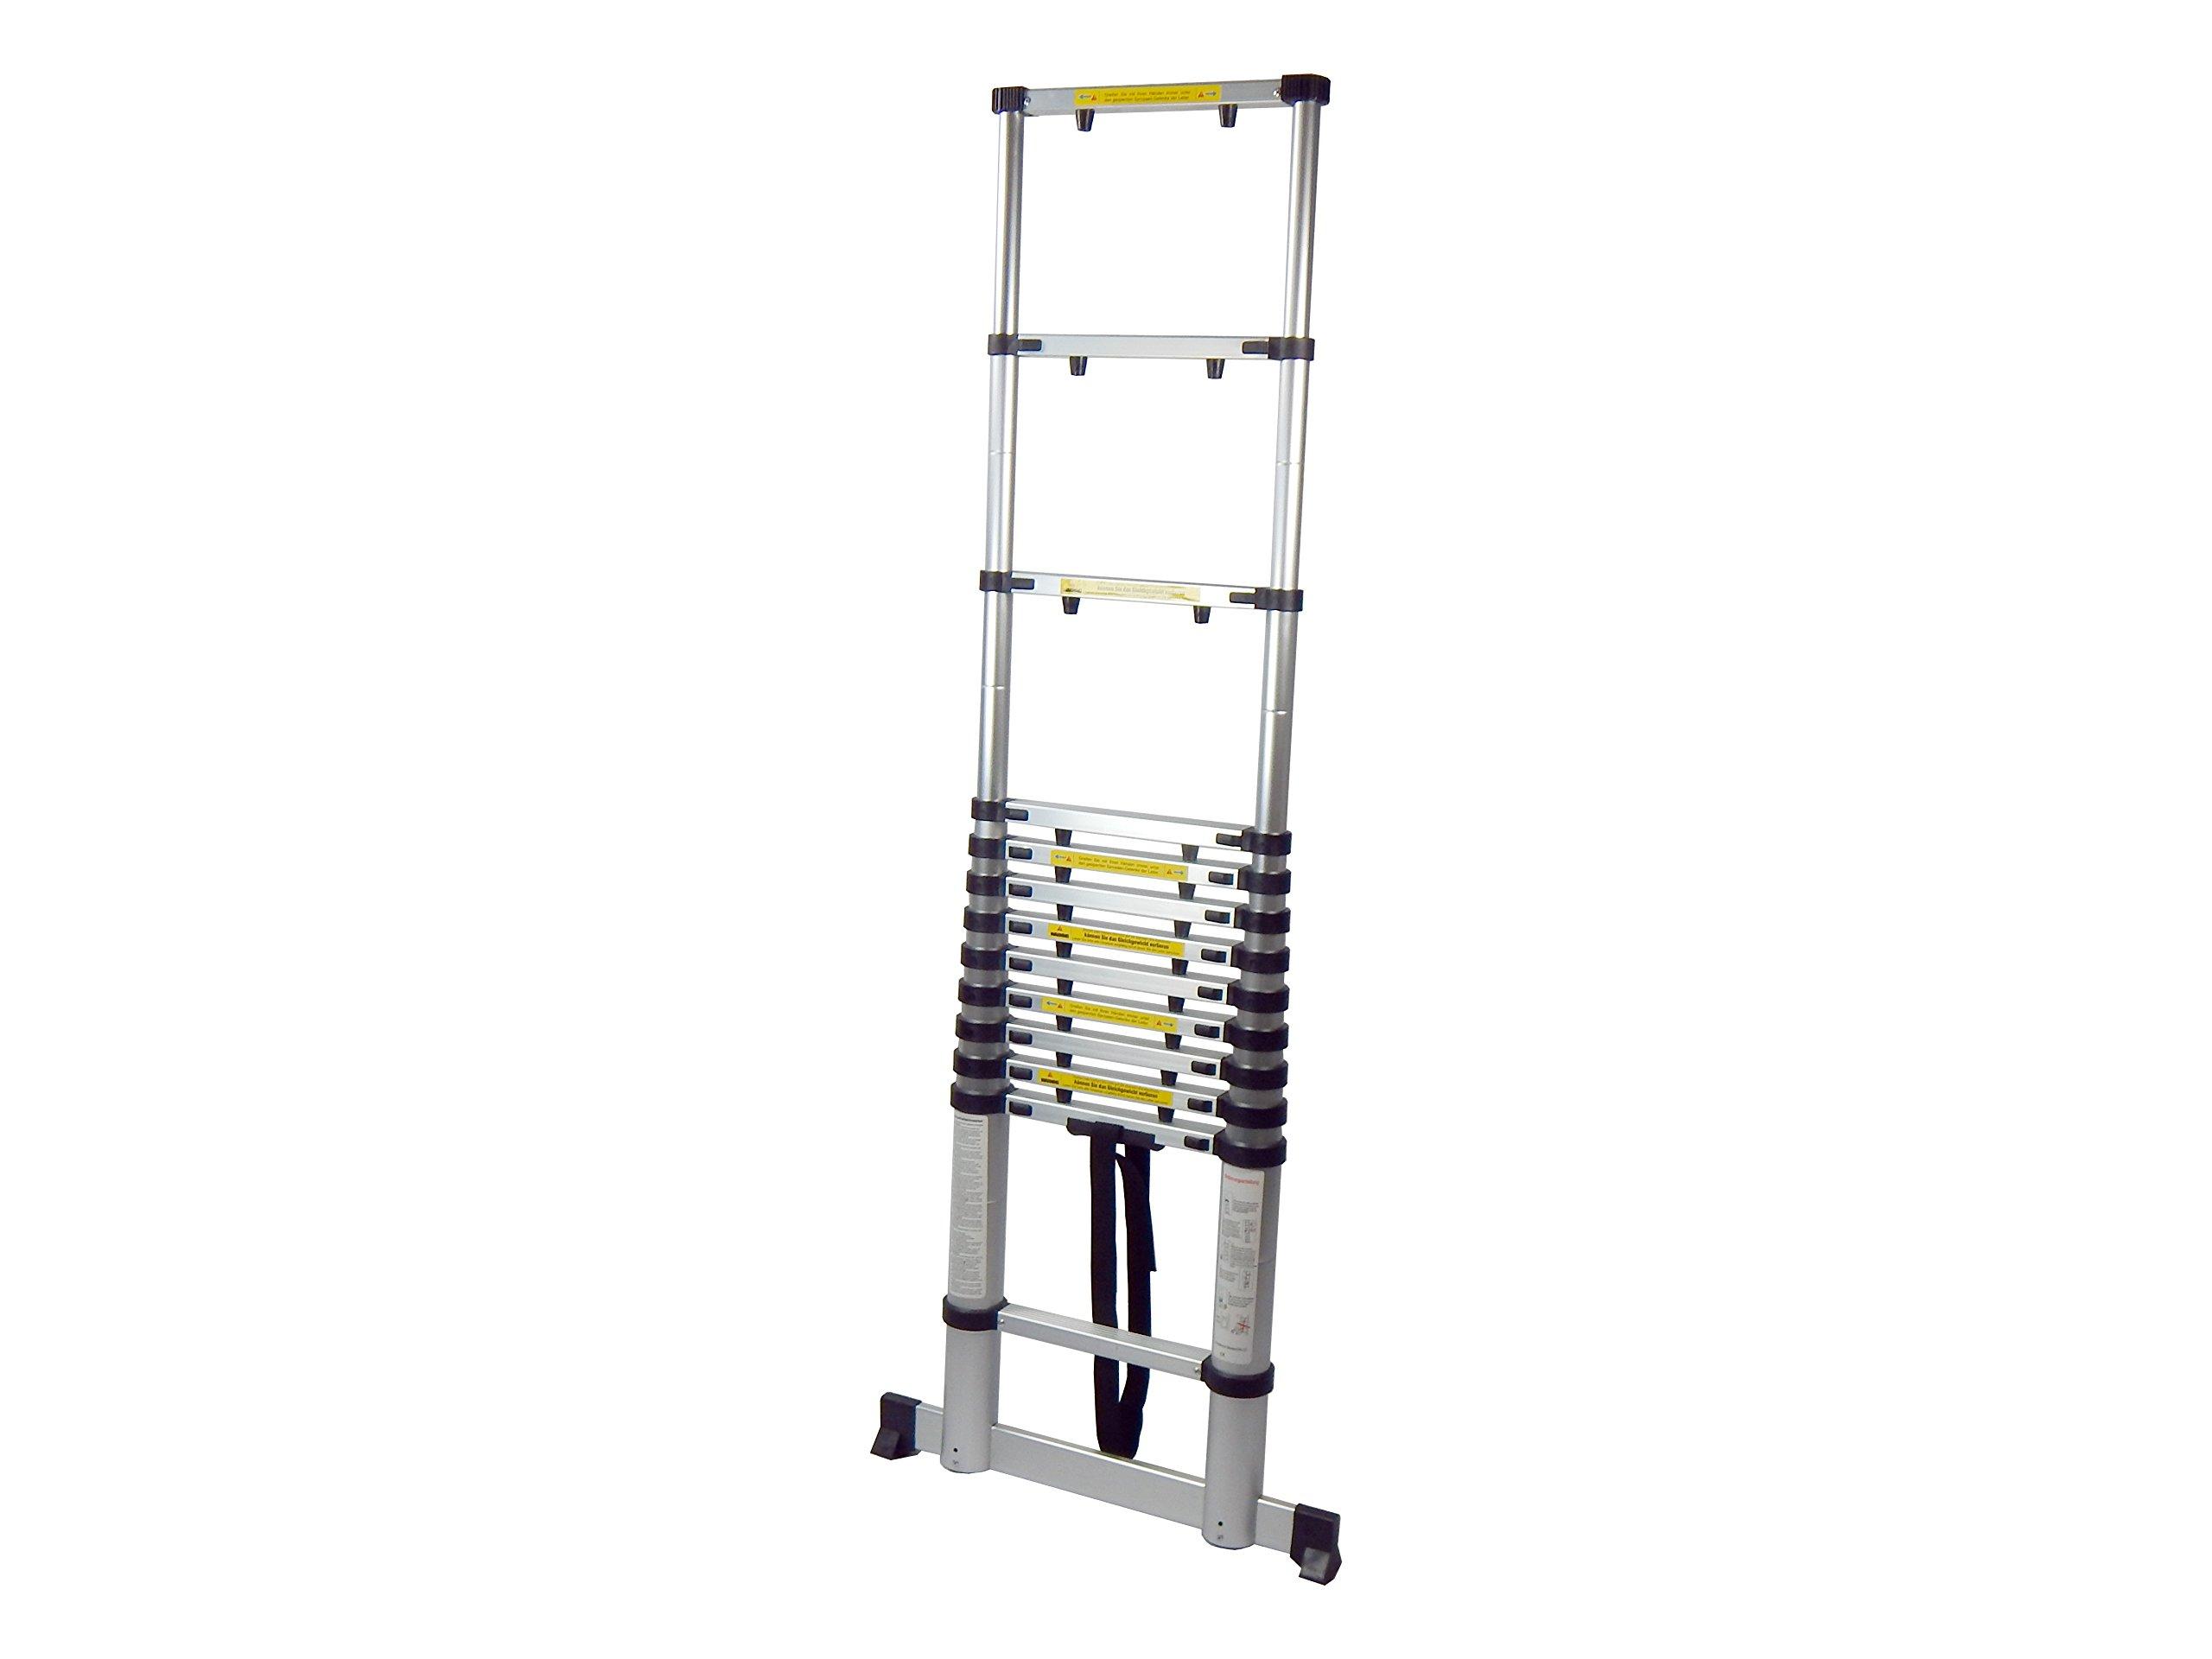 King Ladder 3,8 m Escalera telescópica con protección para los dedos & ancha Stand: Amazon.es: Bricolaje y herramientas